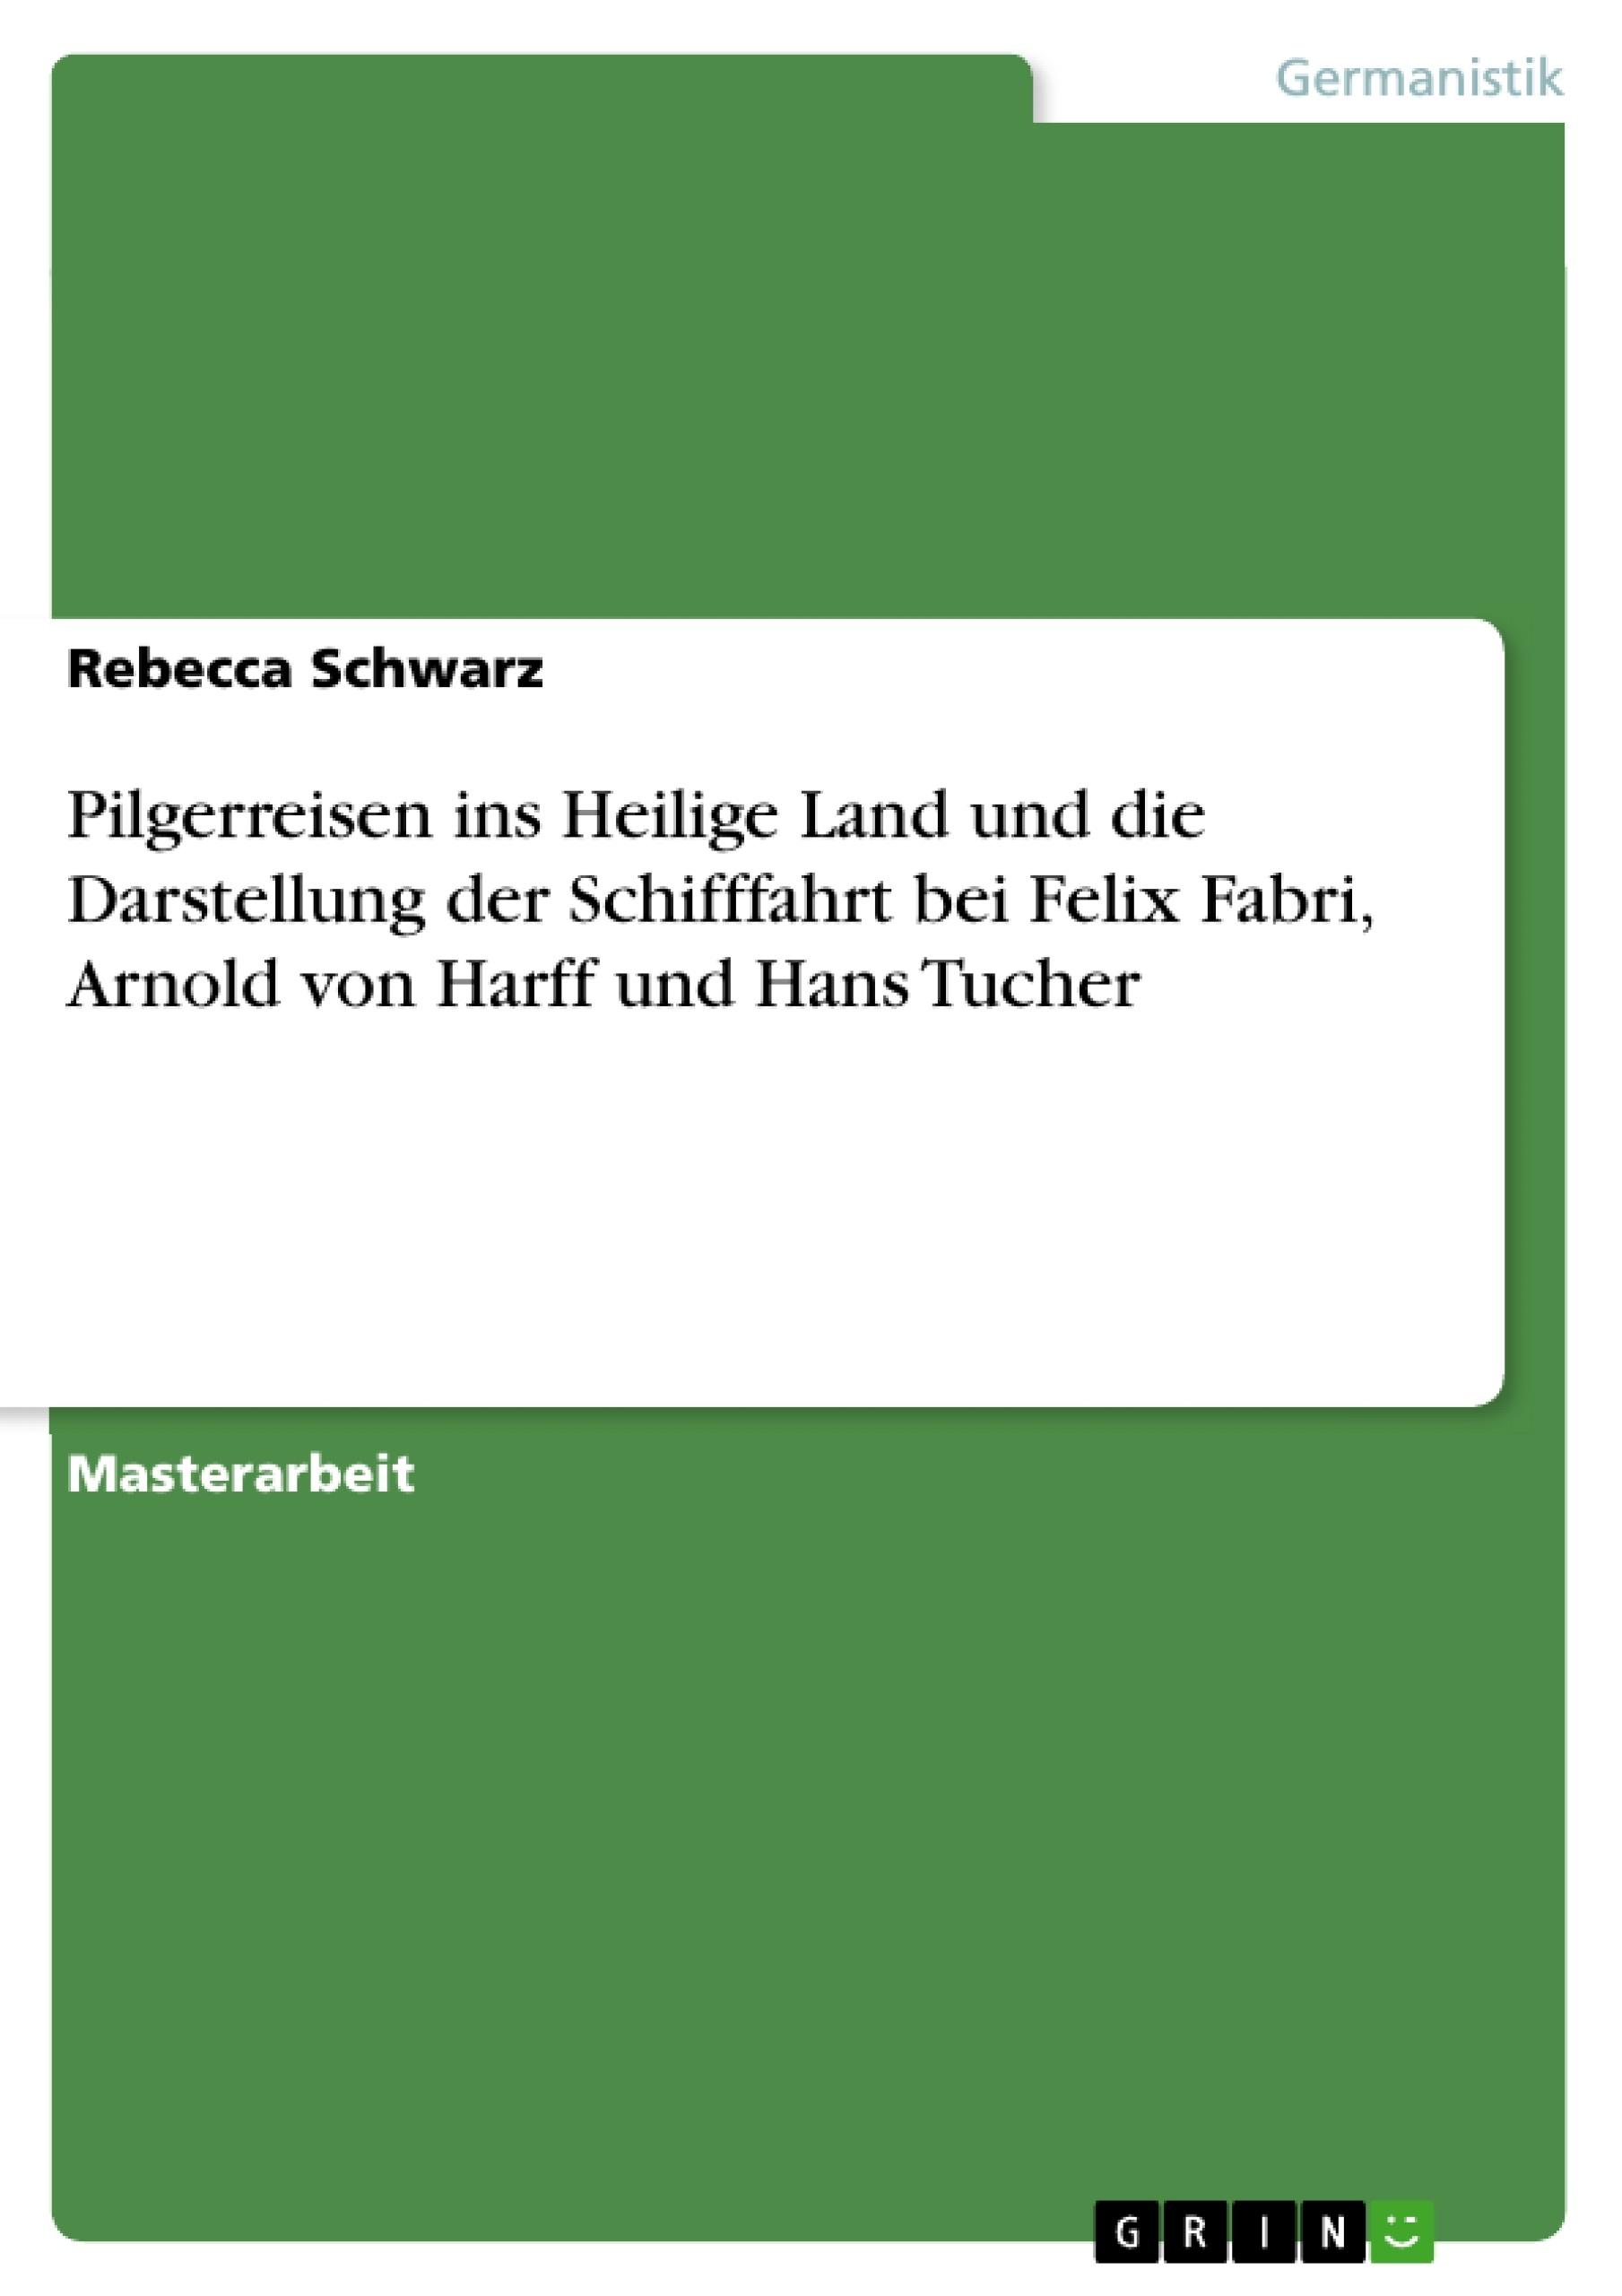 Titel: Pilgerreisen ins Heilige Land und die Darstellung der Schifffahrt bei Felix Fabri, Arnold von Harff und Hans Tucher